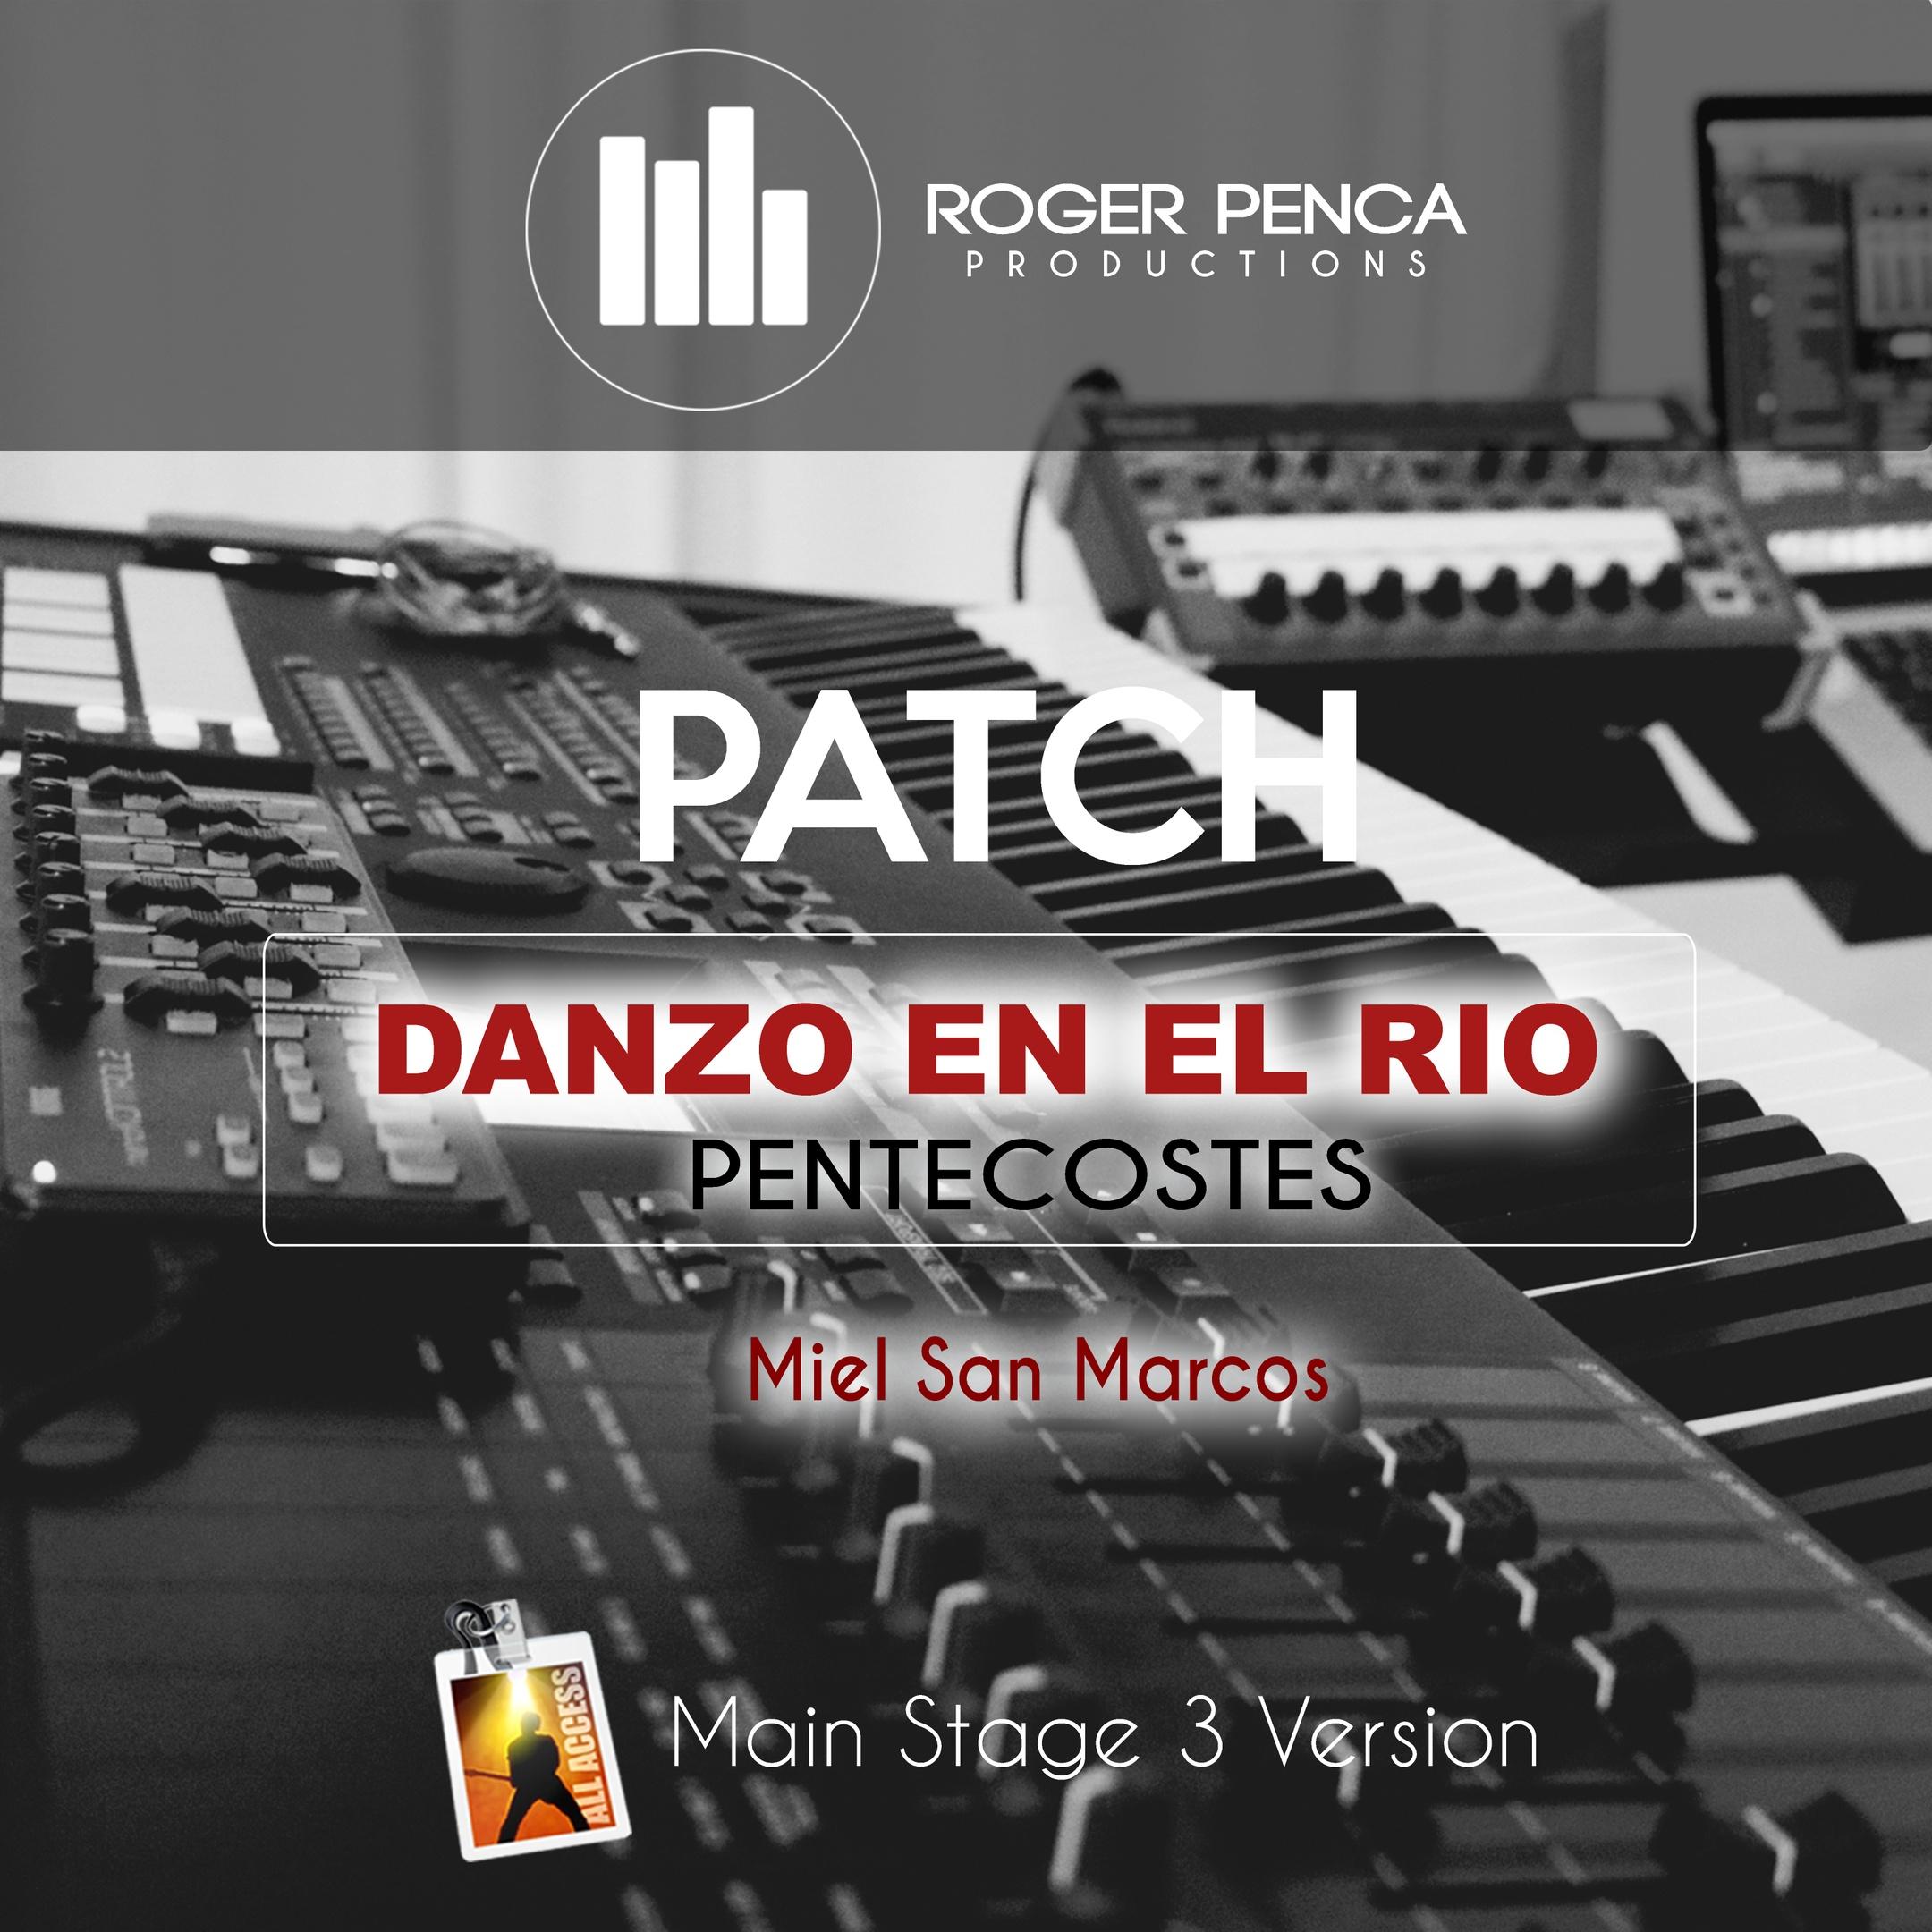 PATCH Danzo En El Rio, Miel San Marcos (Main Stage 3 Version)